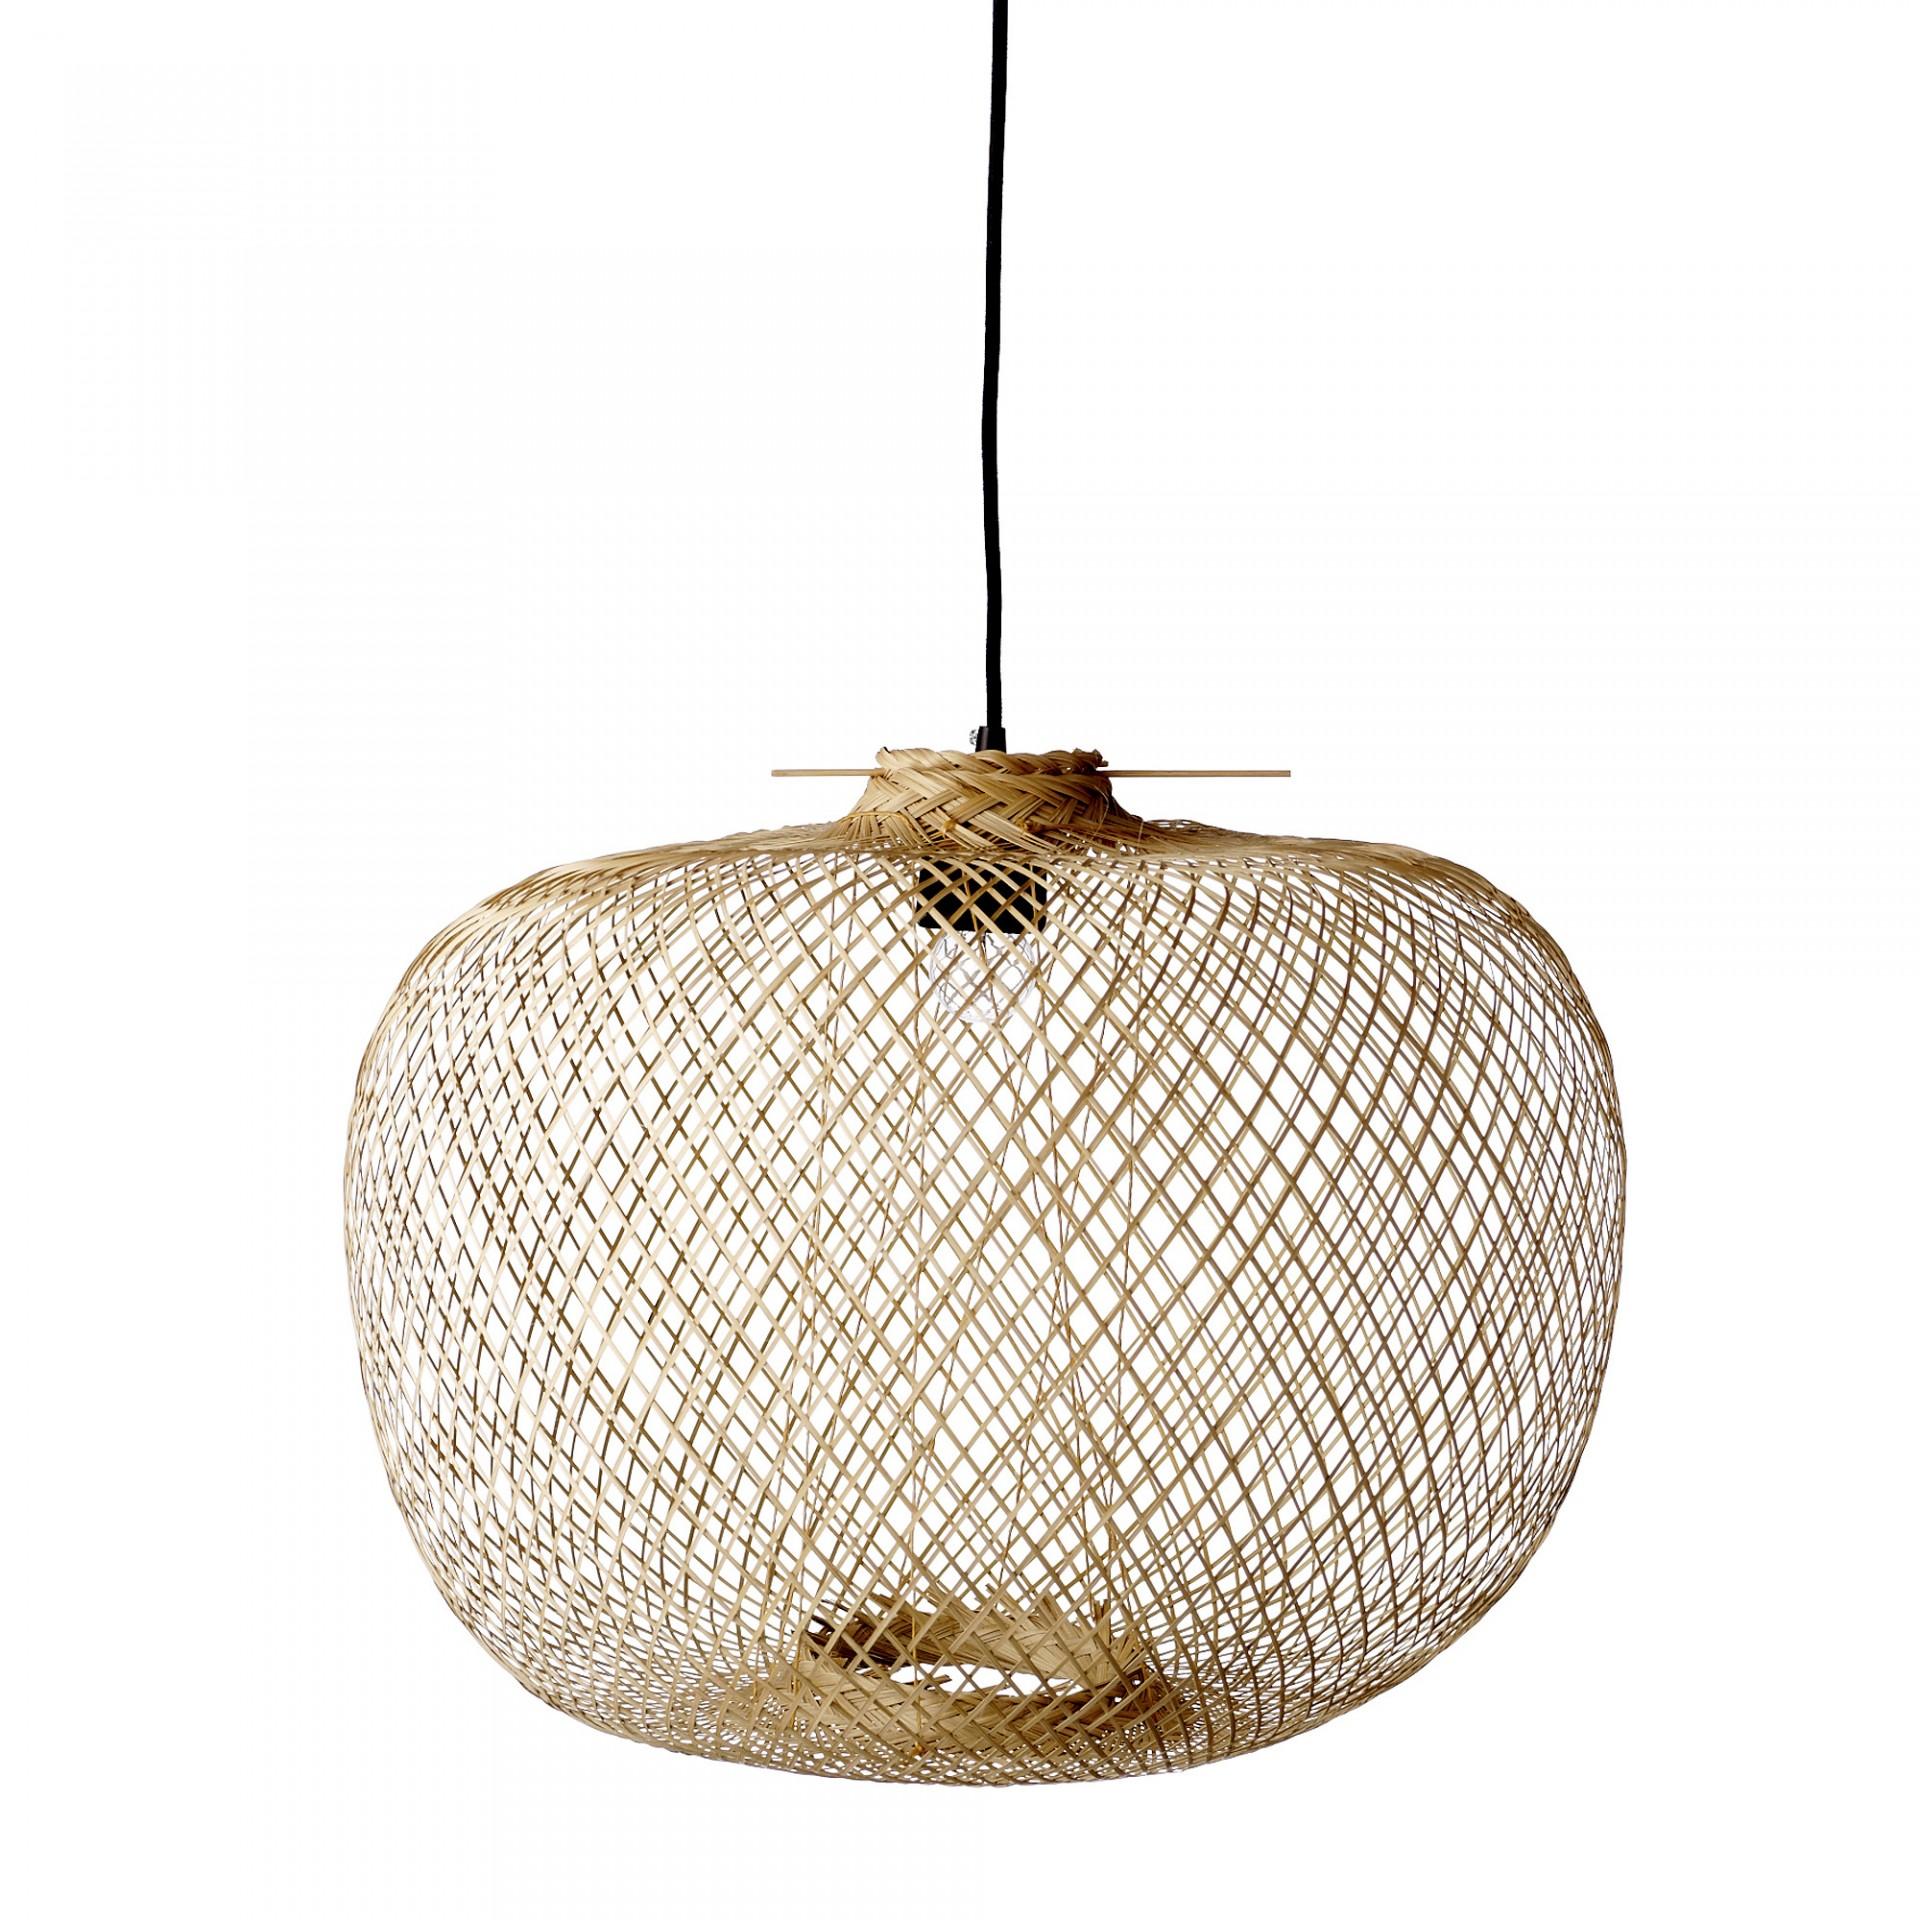 Candeeiro de tecto, bambú natural, Ø42x30 cm